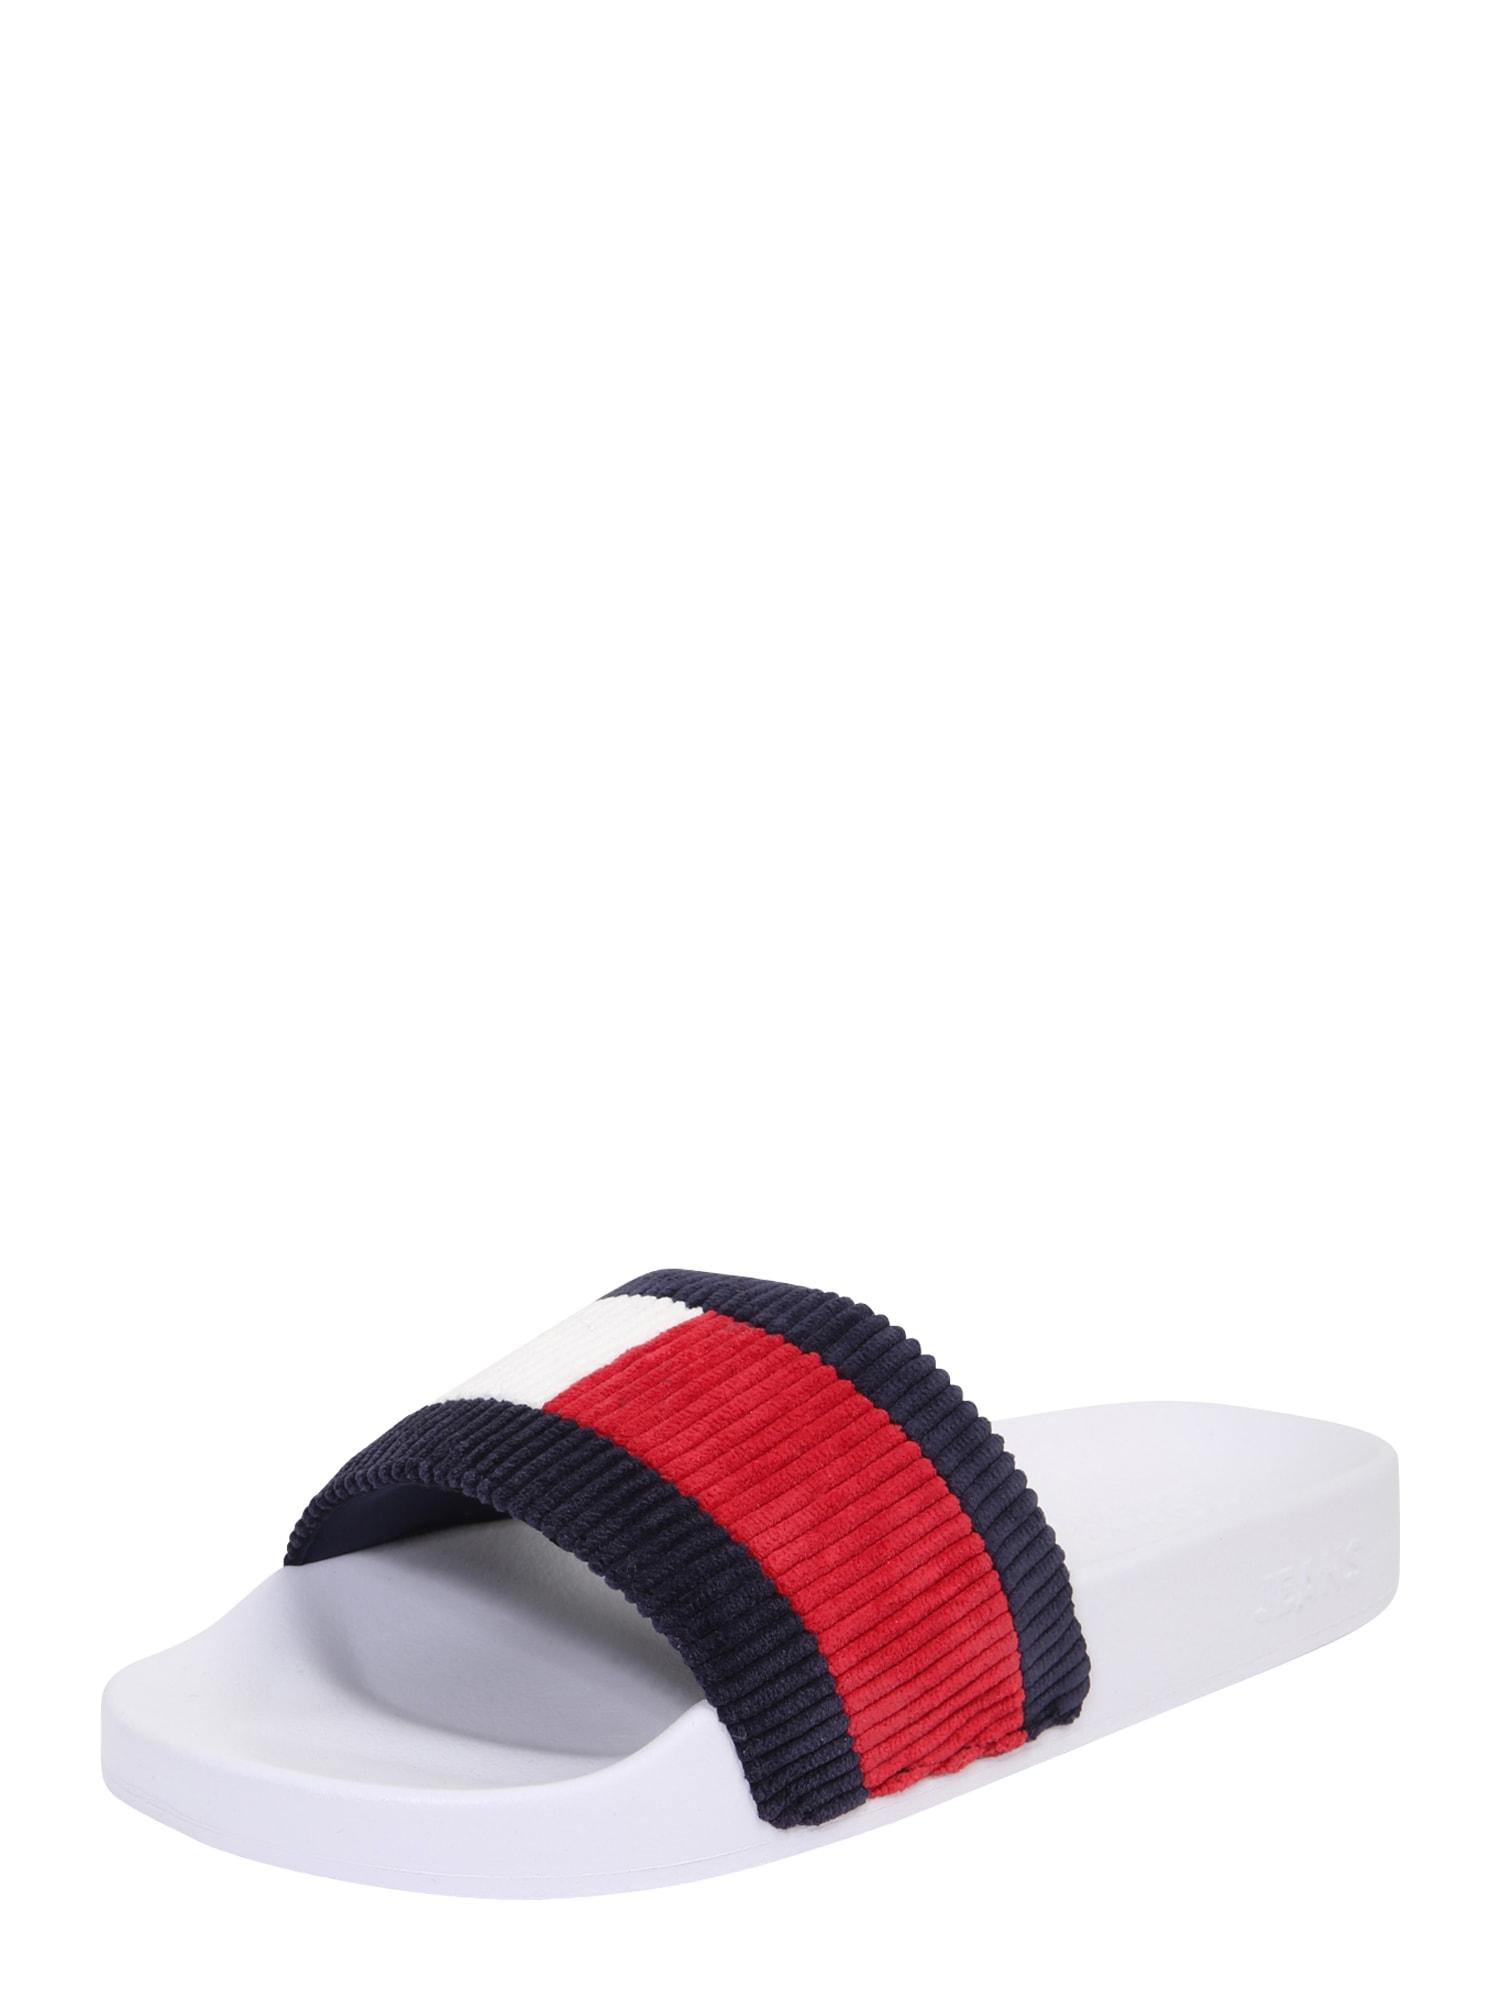 Tommy Jeans Šľapky 'Corduroy'  biela / tmavomodrá / červená